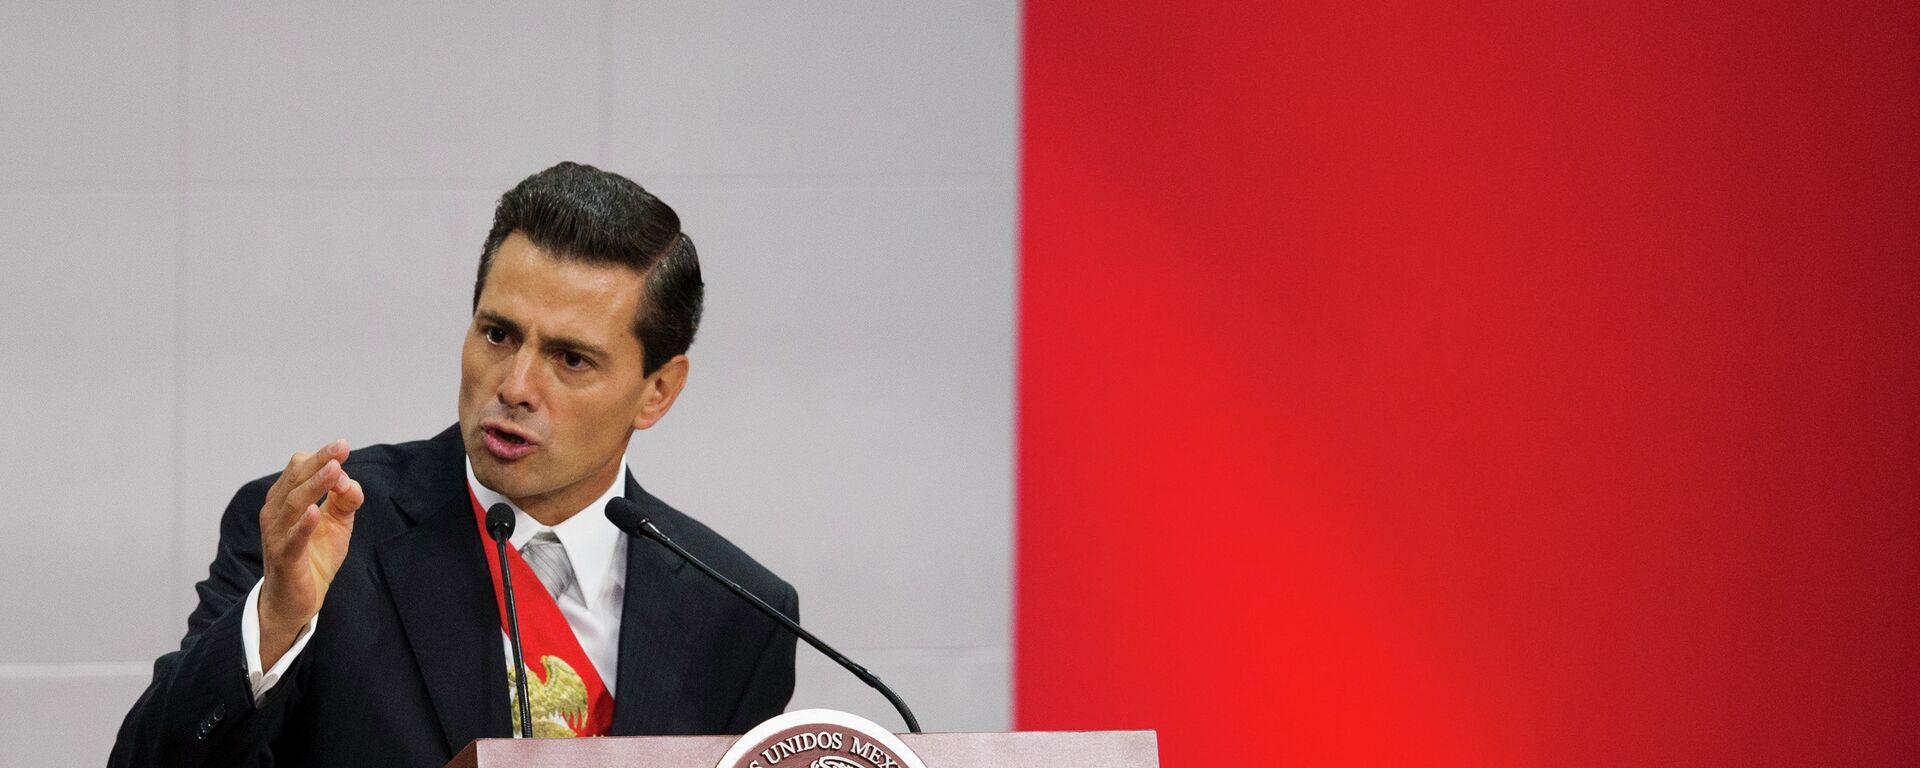 El presidente de México, Enrique Peña - Sputnik Mundo, 1920, 30.11.2020